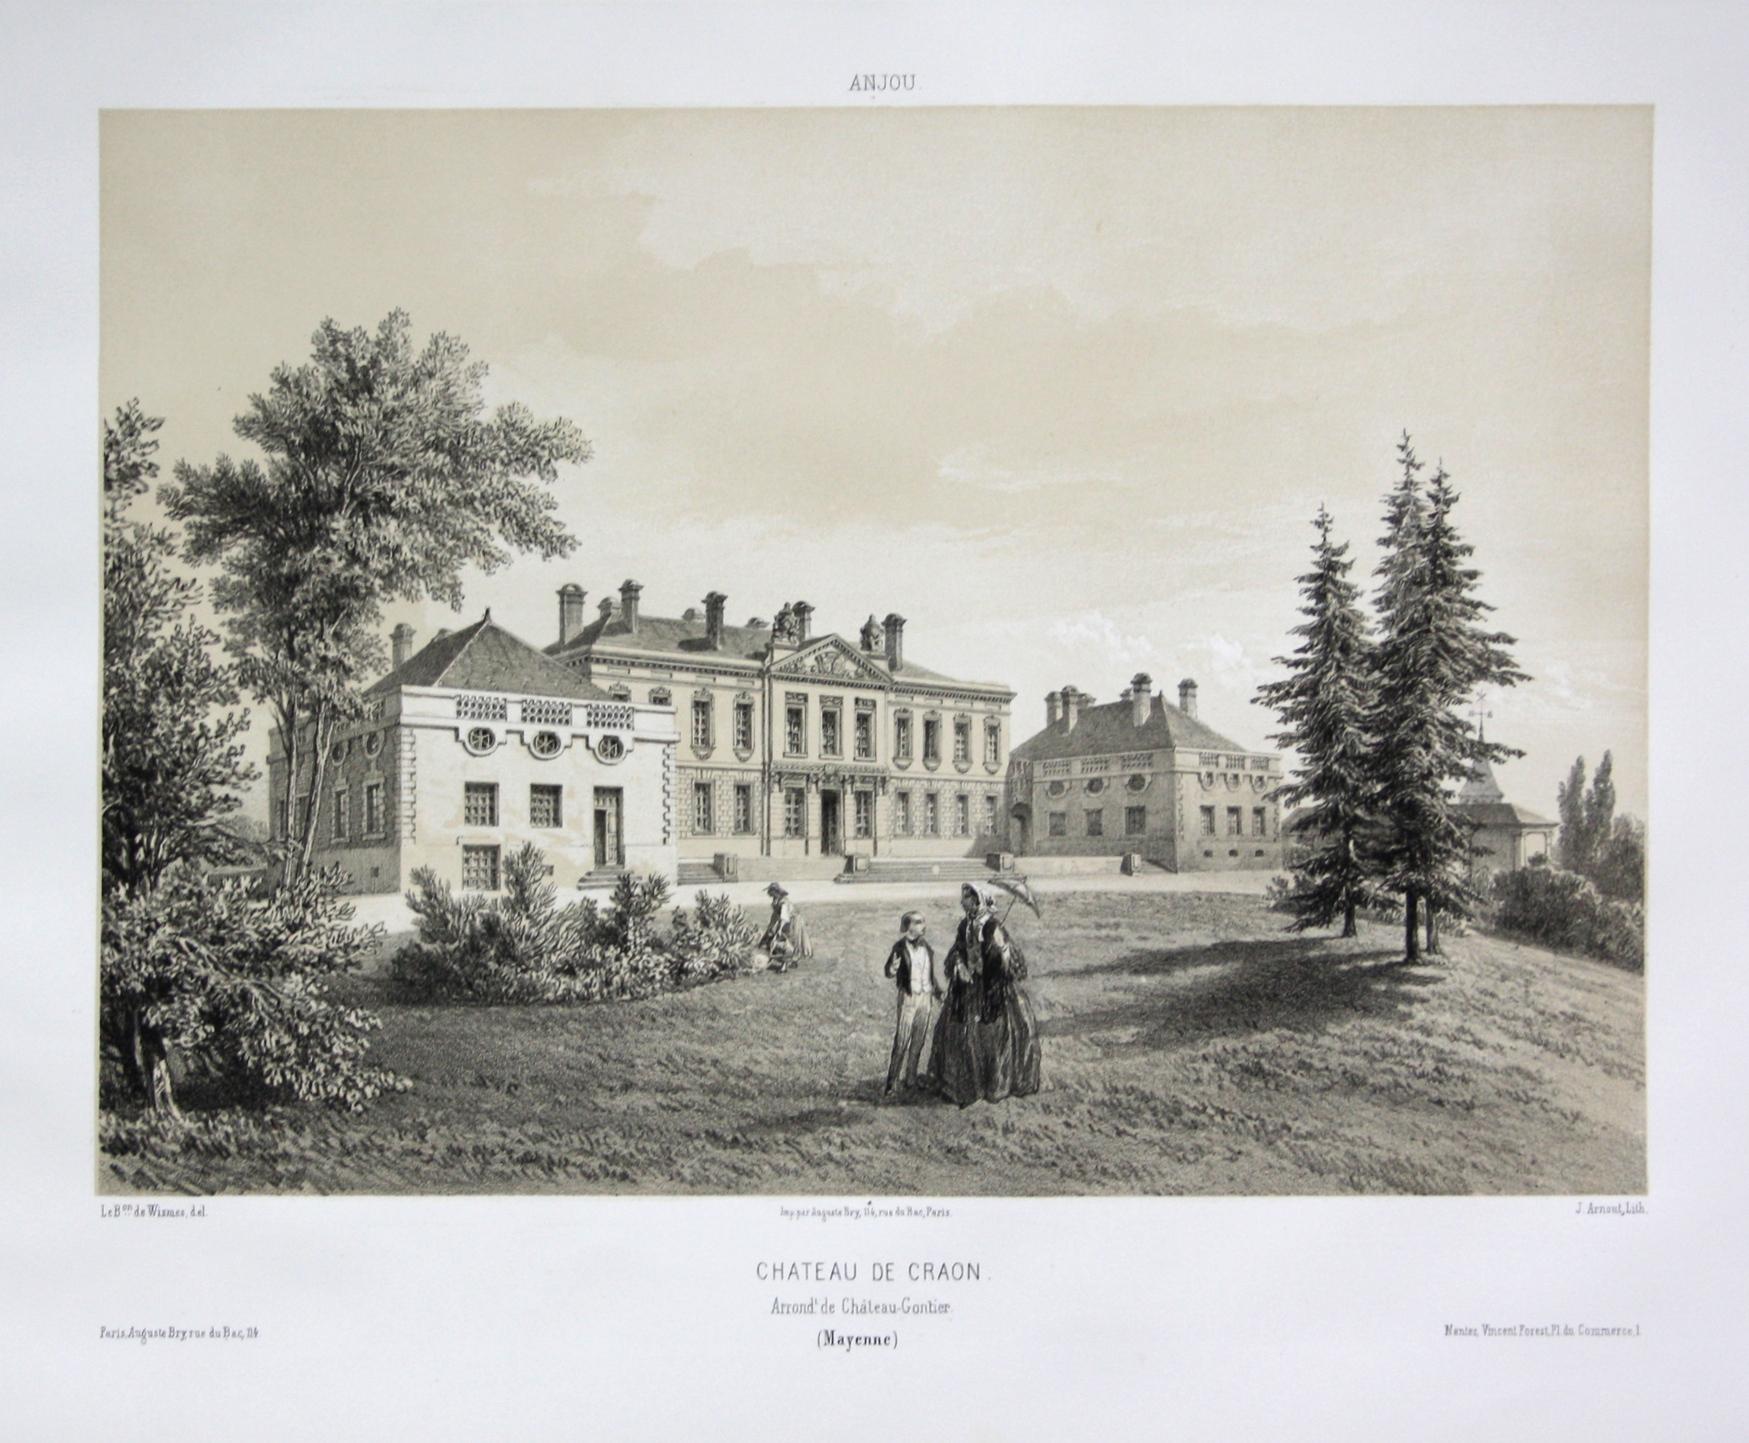 Chateau de Craon / Arrond. Chateau-Gontier /: Wismes, Olivier de